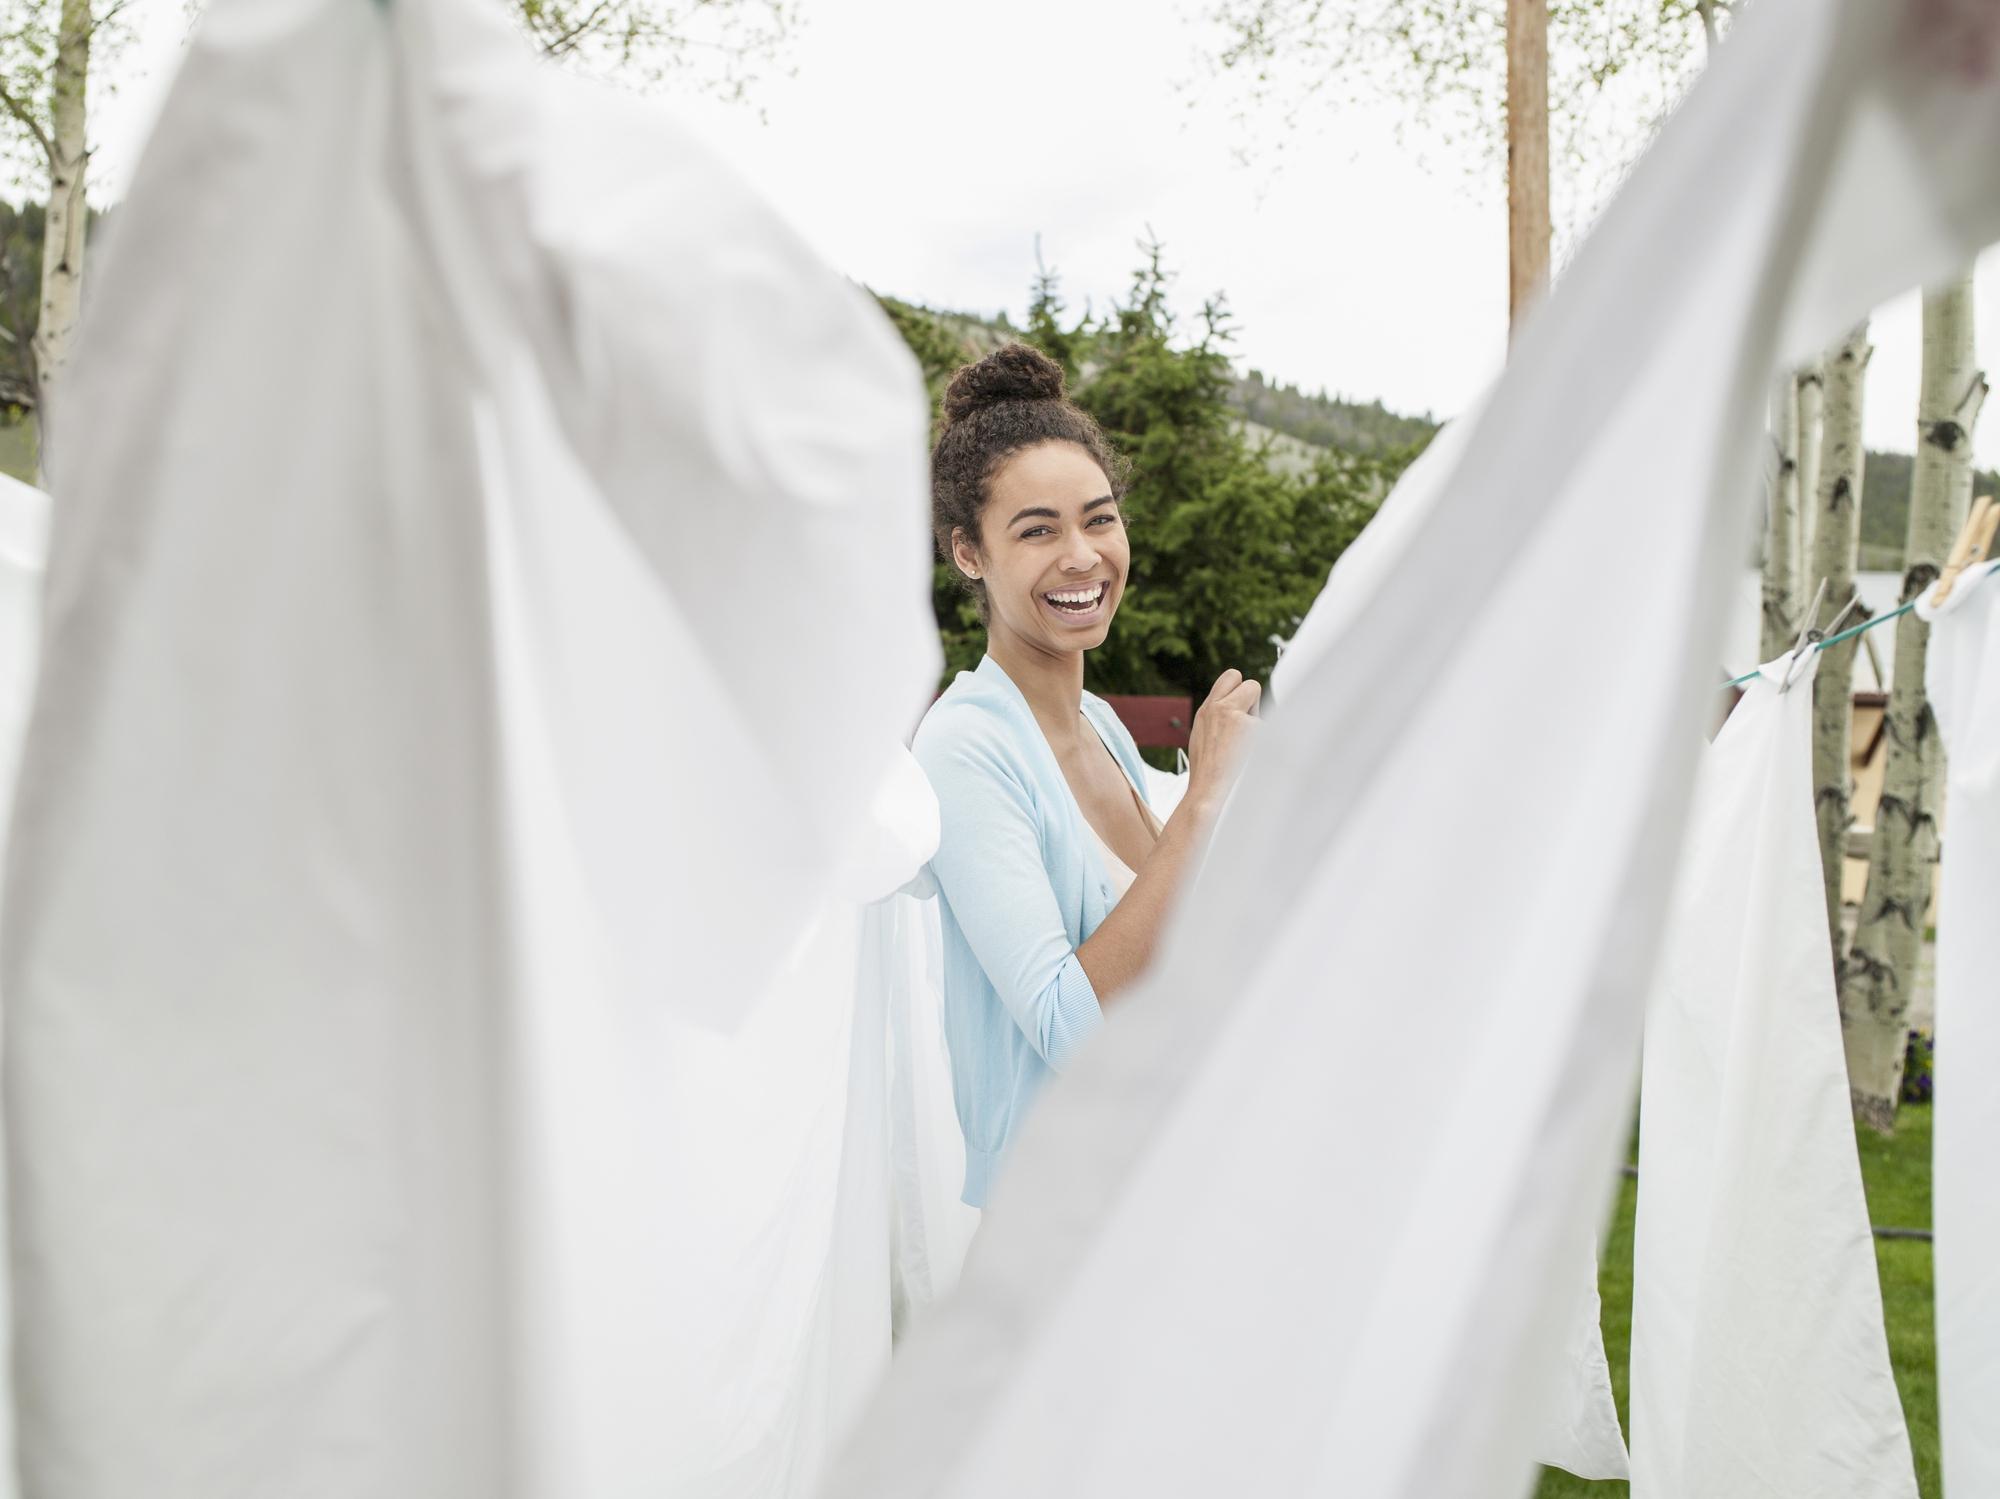 Handig: zo verwijder je gelige zweetvlekken uit witte kleding